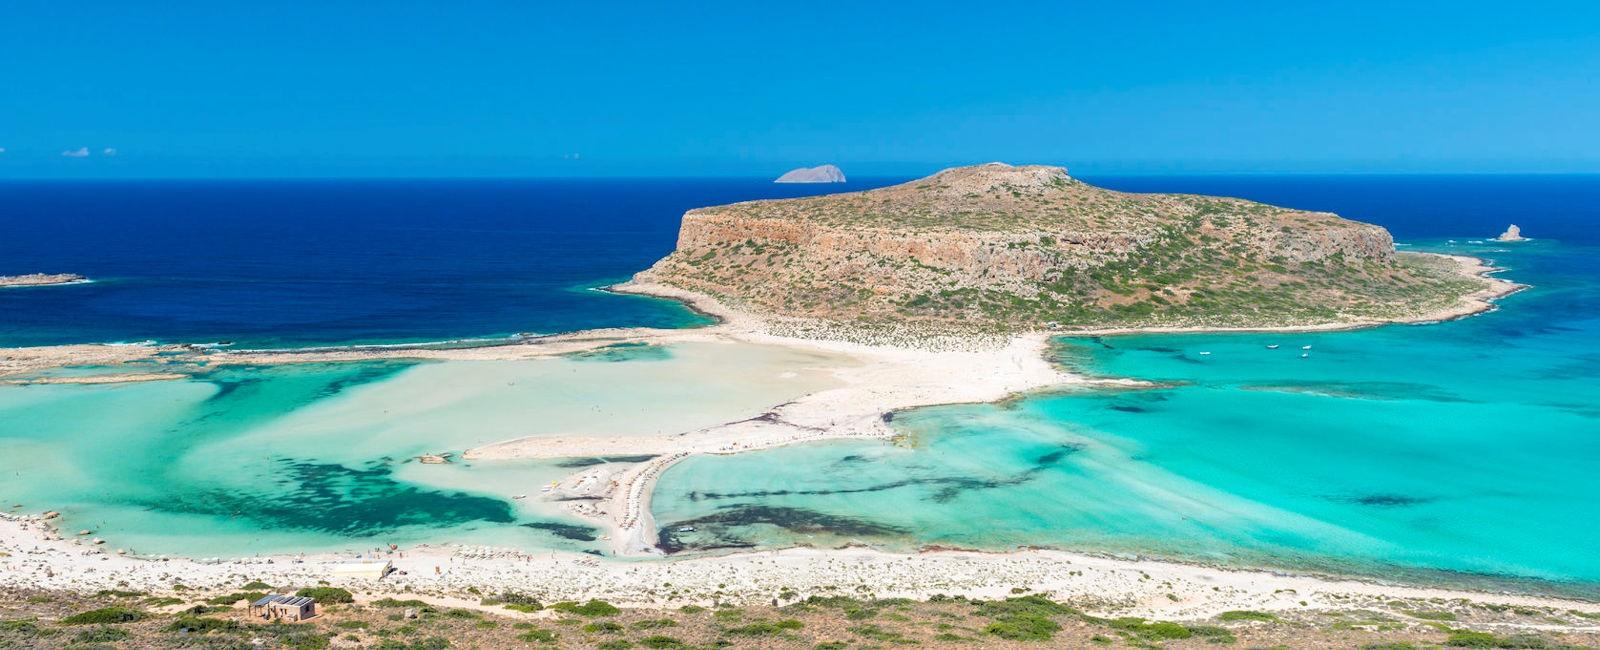 luxury crete holidays